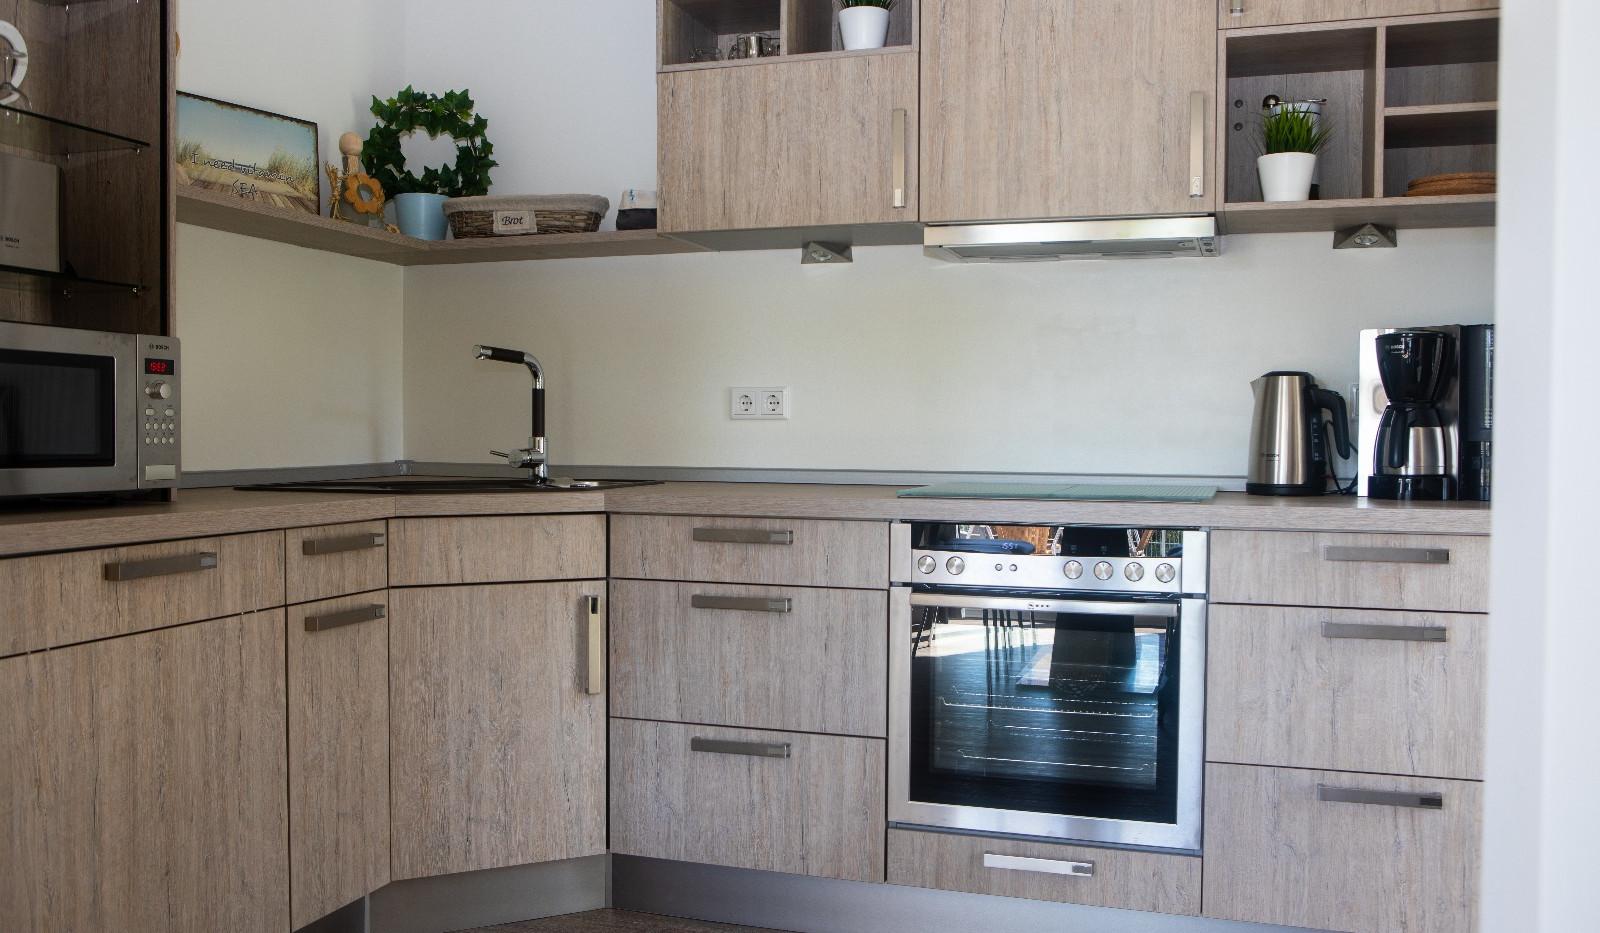 Ferienhaus Paul - komplett ausgestattete Küche